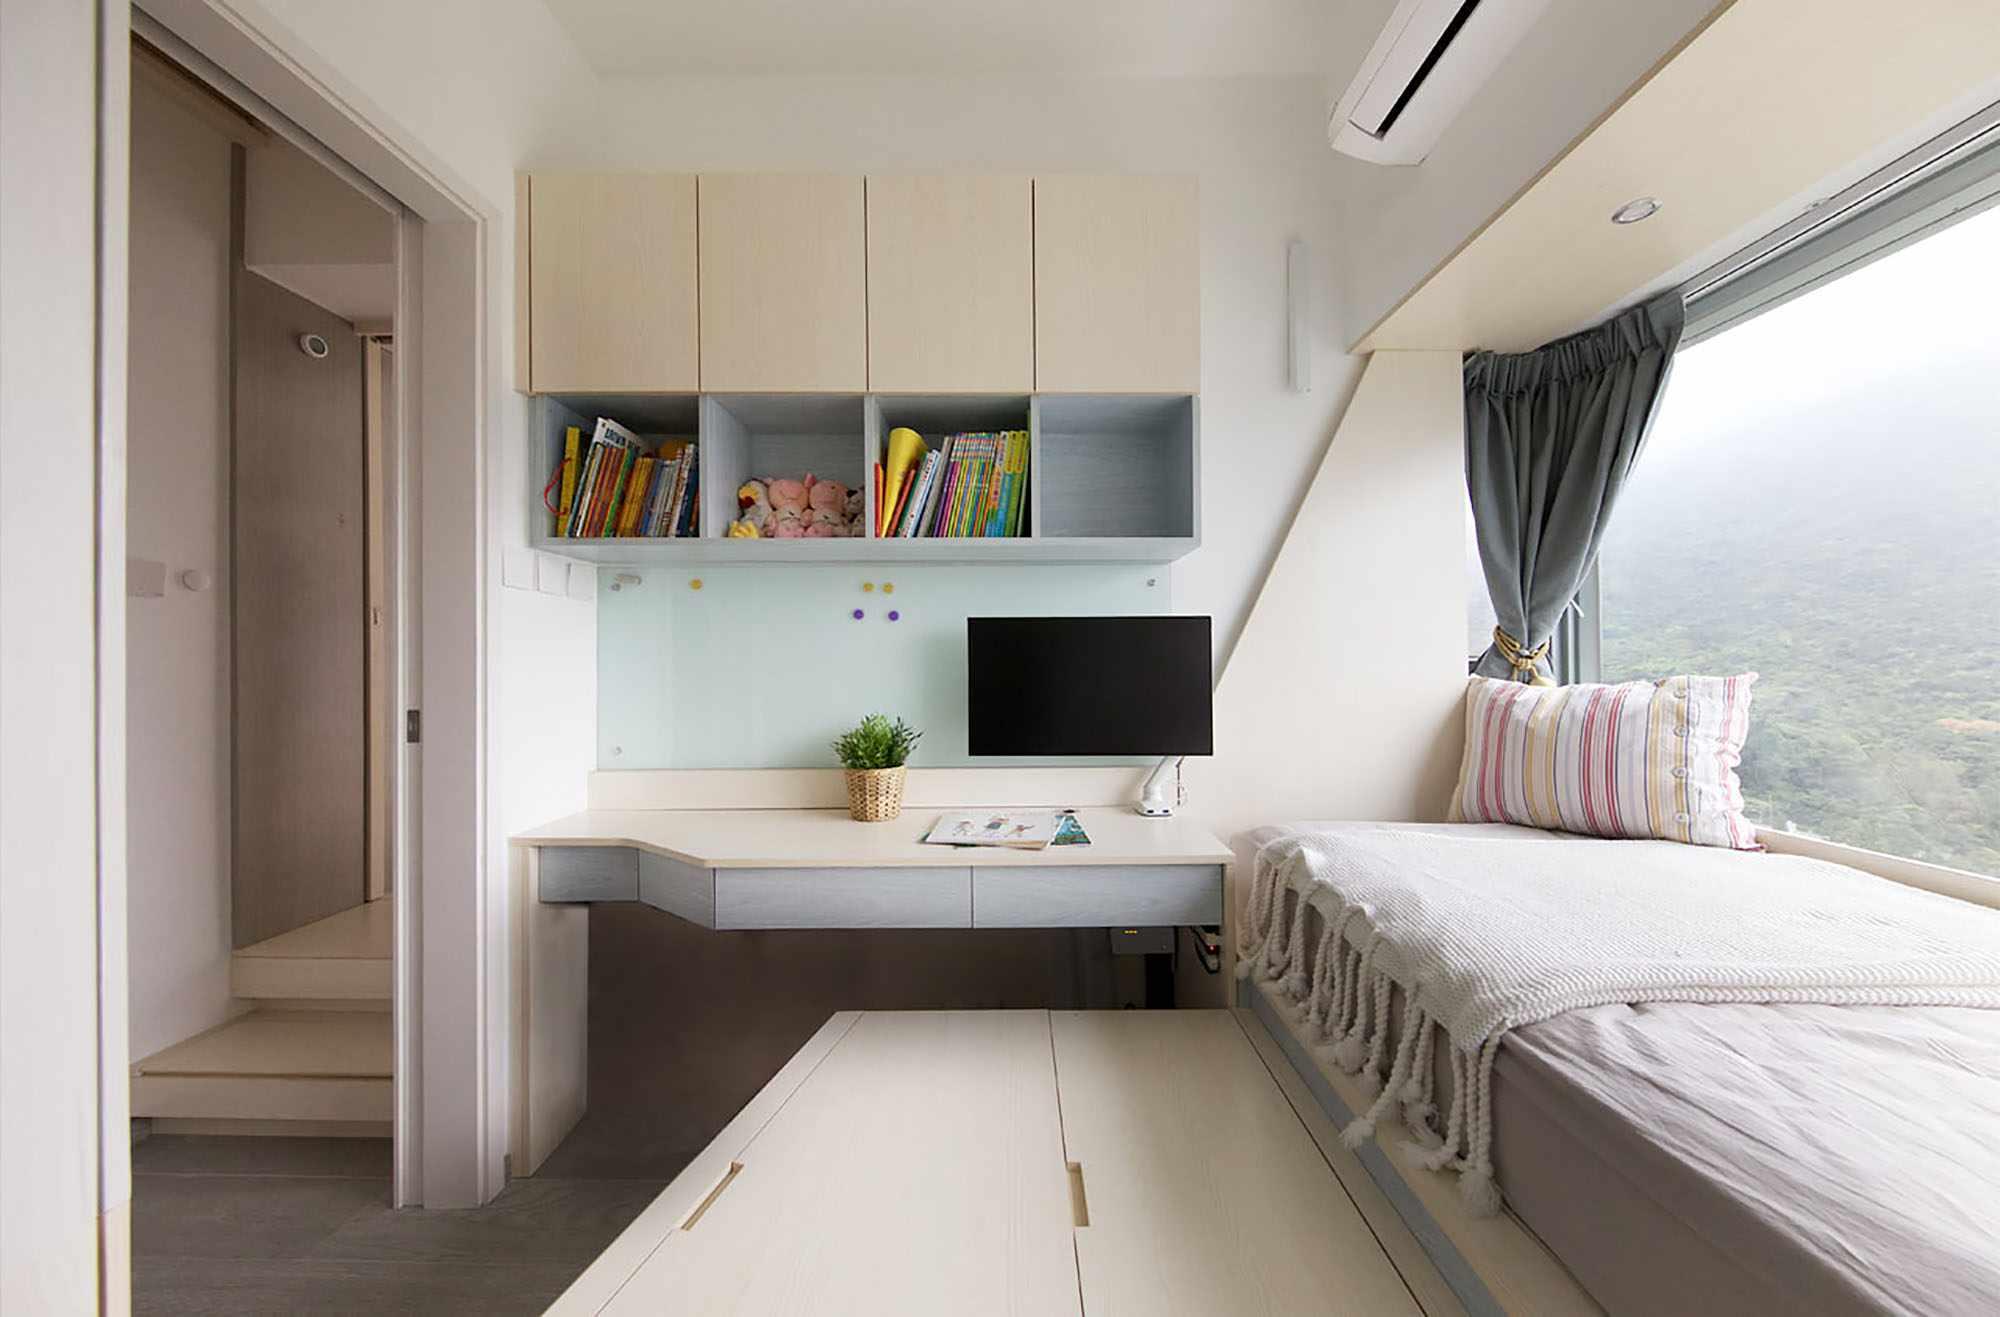 Smart Zendo micro-apartment by Sim-Plex Design Studio son's room